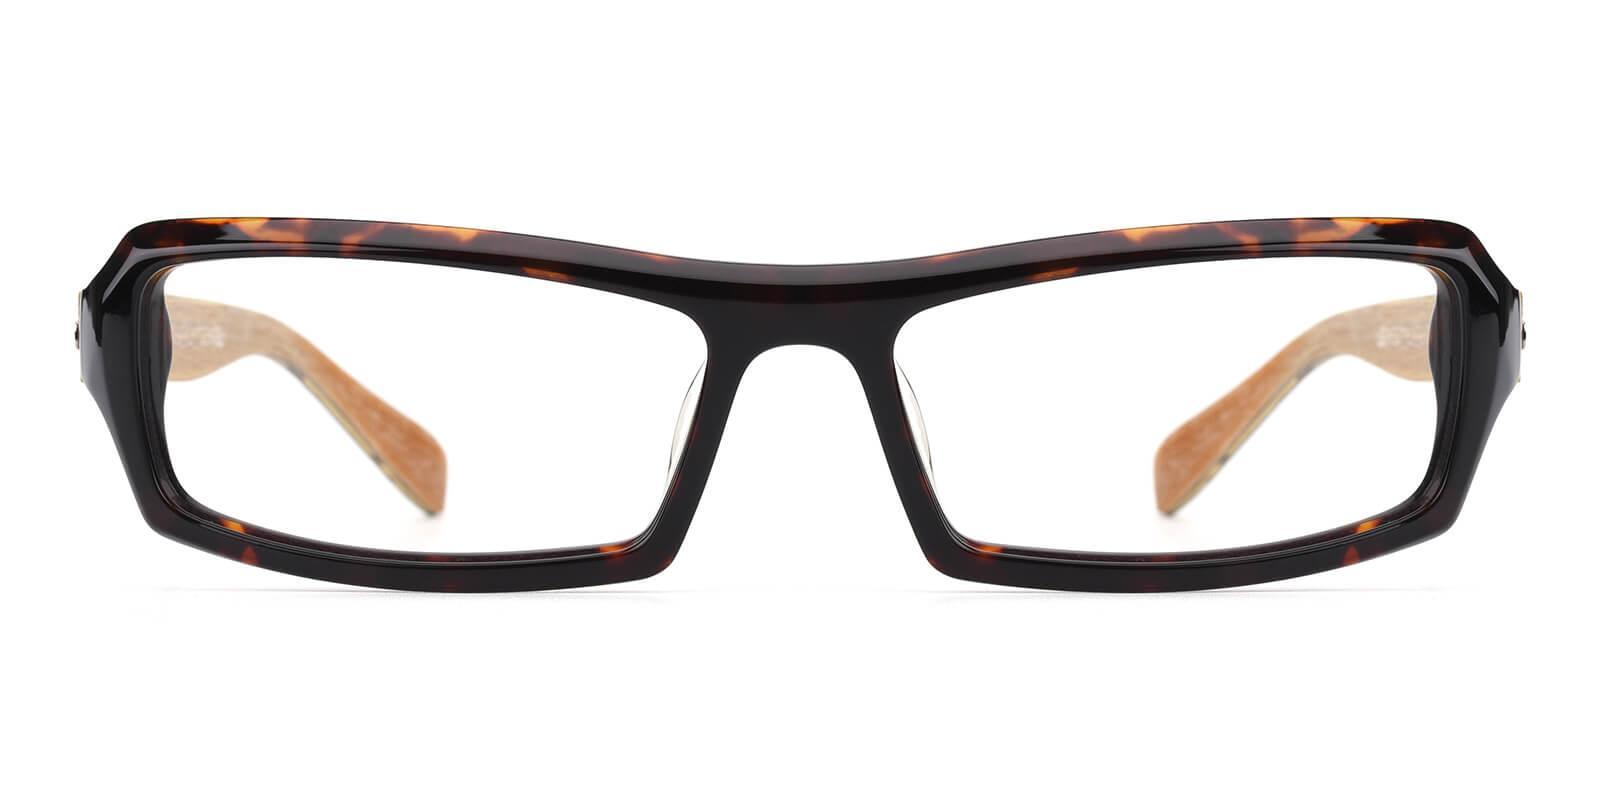 Deaphen-Tortoise-Rectangle-Acetate-Eyeglasses-additional2